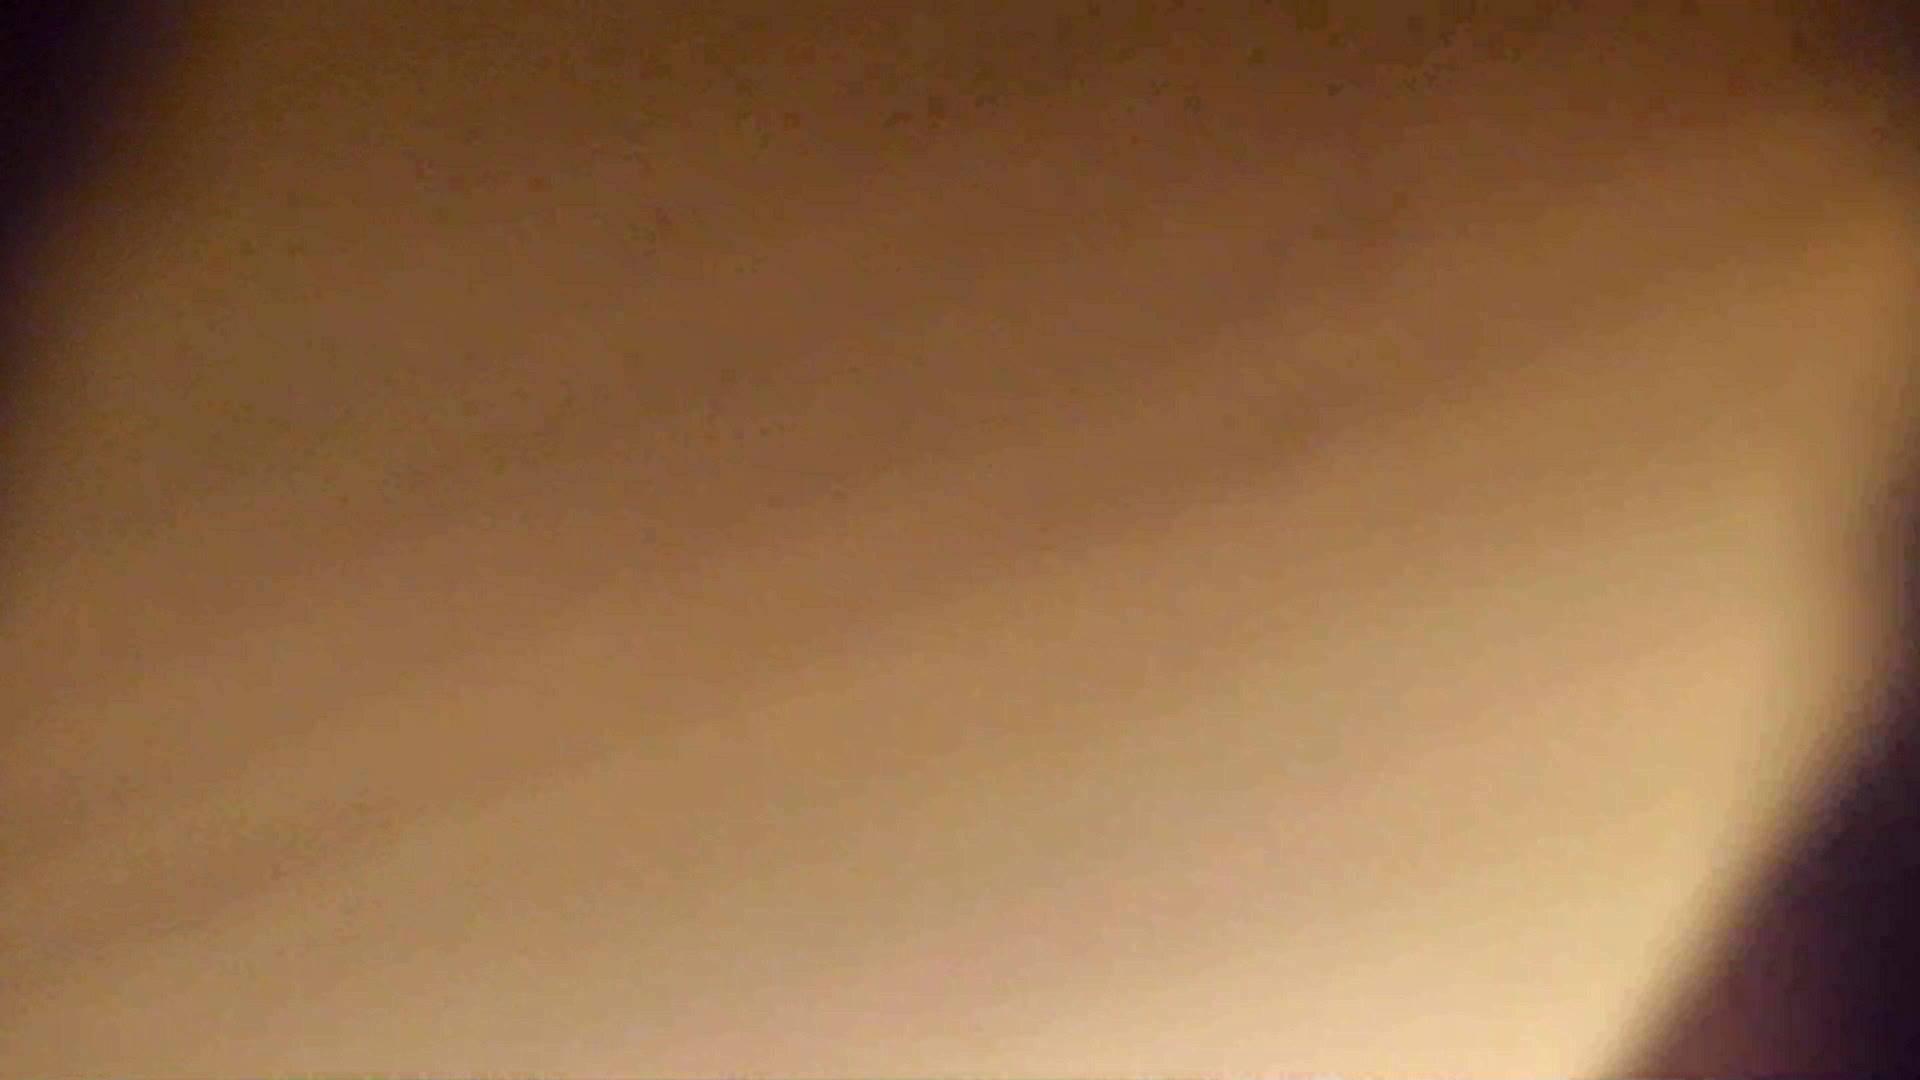 阿国ちゃんの「和式洋式七変化」No.8 丸見え | 和式で・・・  65画像 17